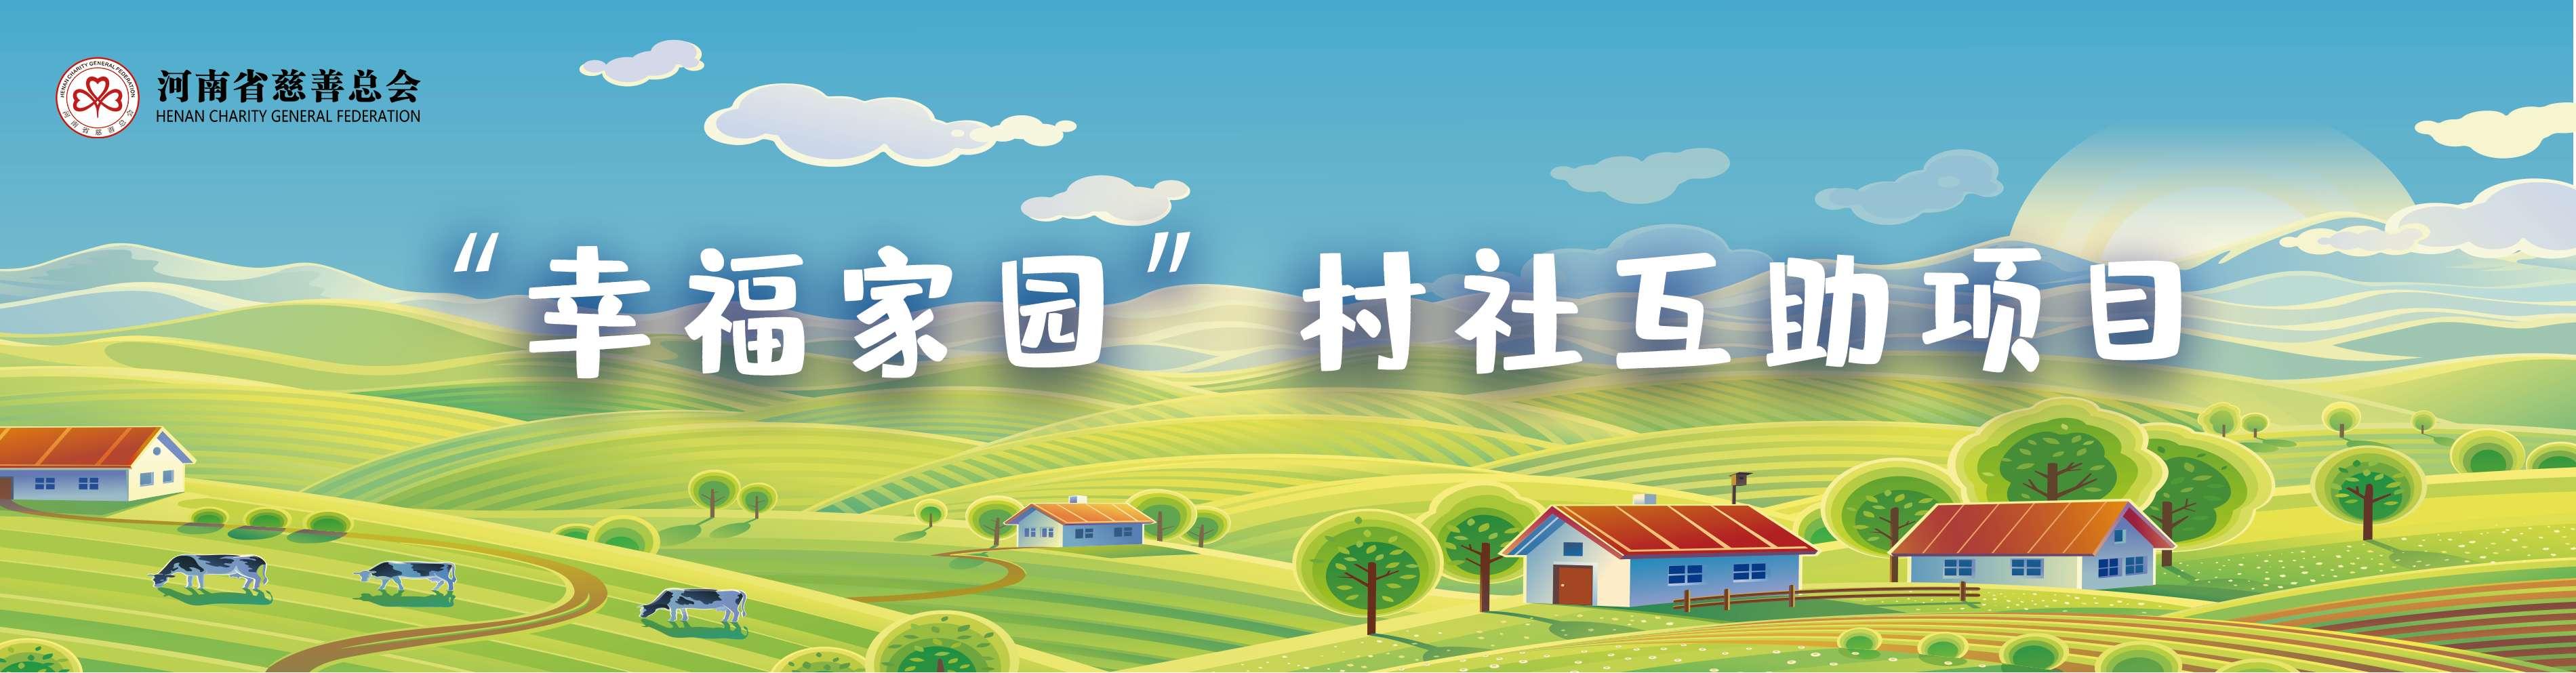 幸福家园村社互助项目